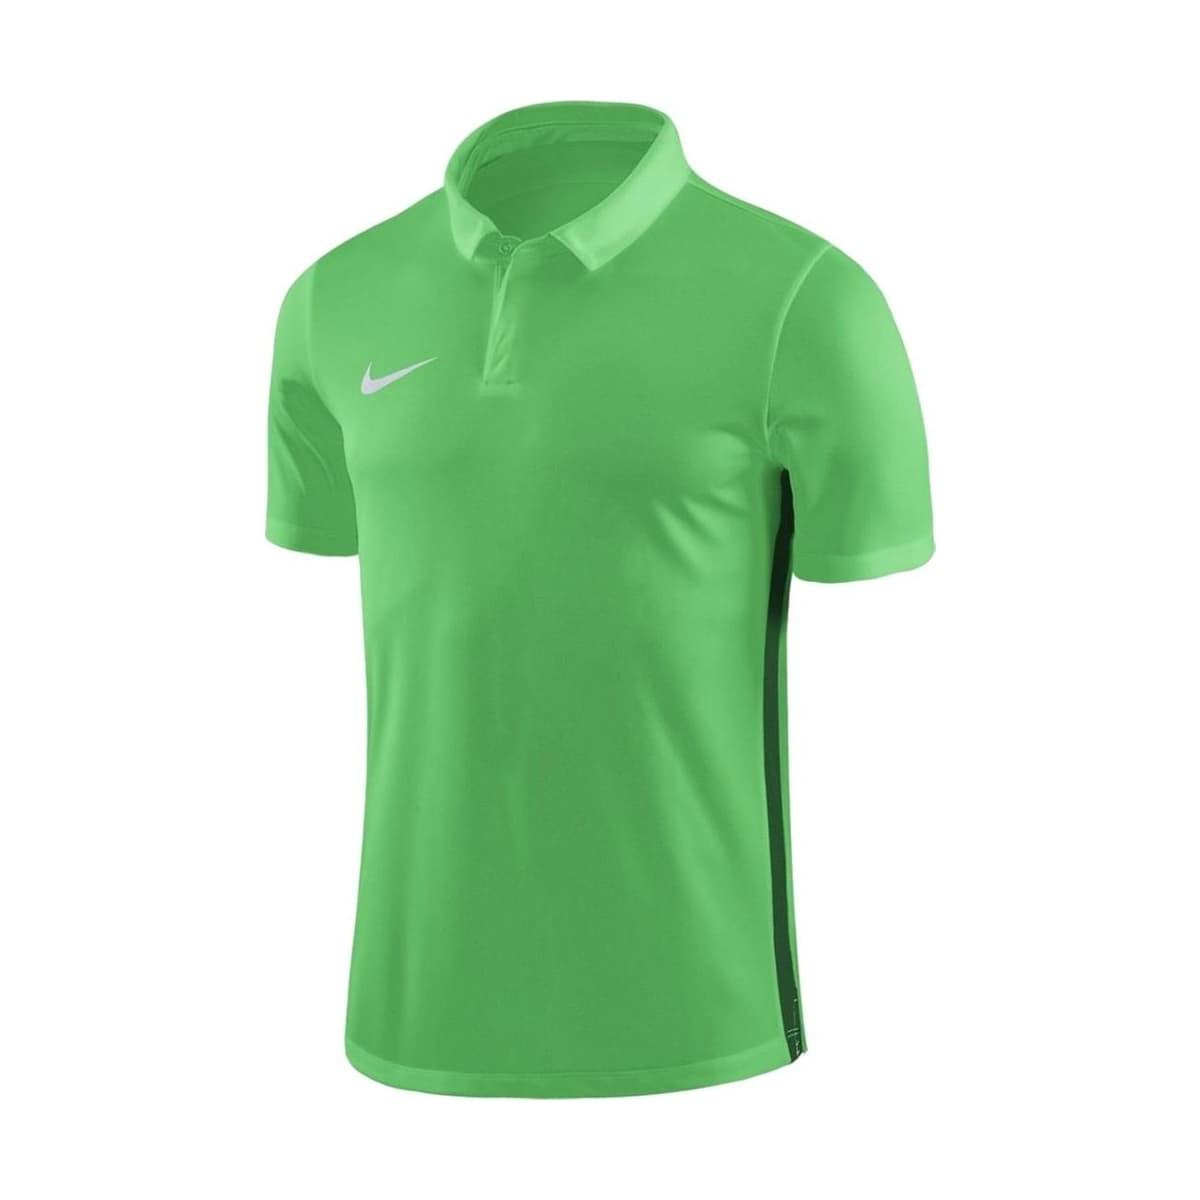 Dry Academy 18 Erkek Yeşil Polo Tişört (899984-361)